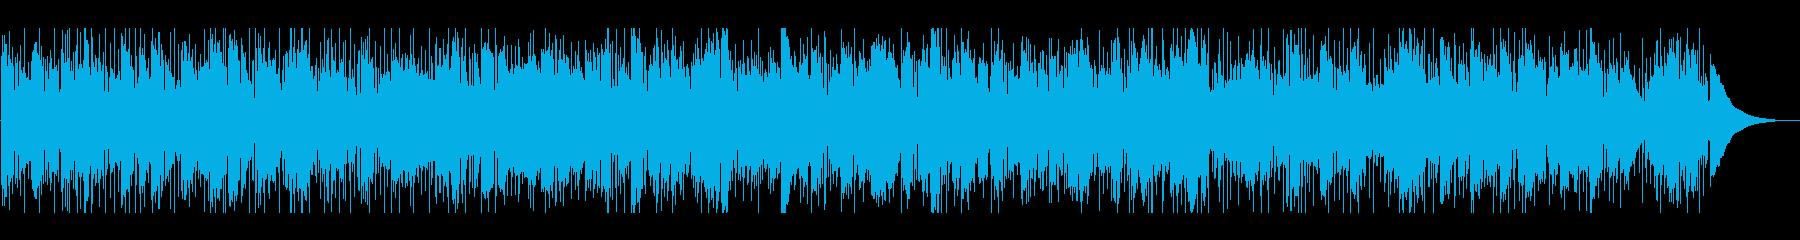 お洒落、モダンな雰囲気のBGMの再生済みの波形